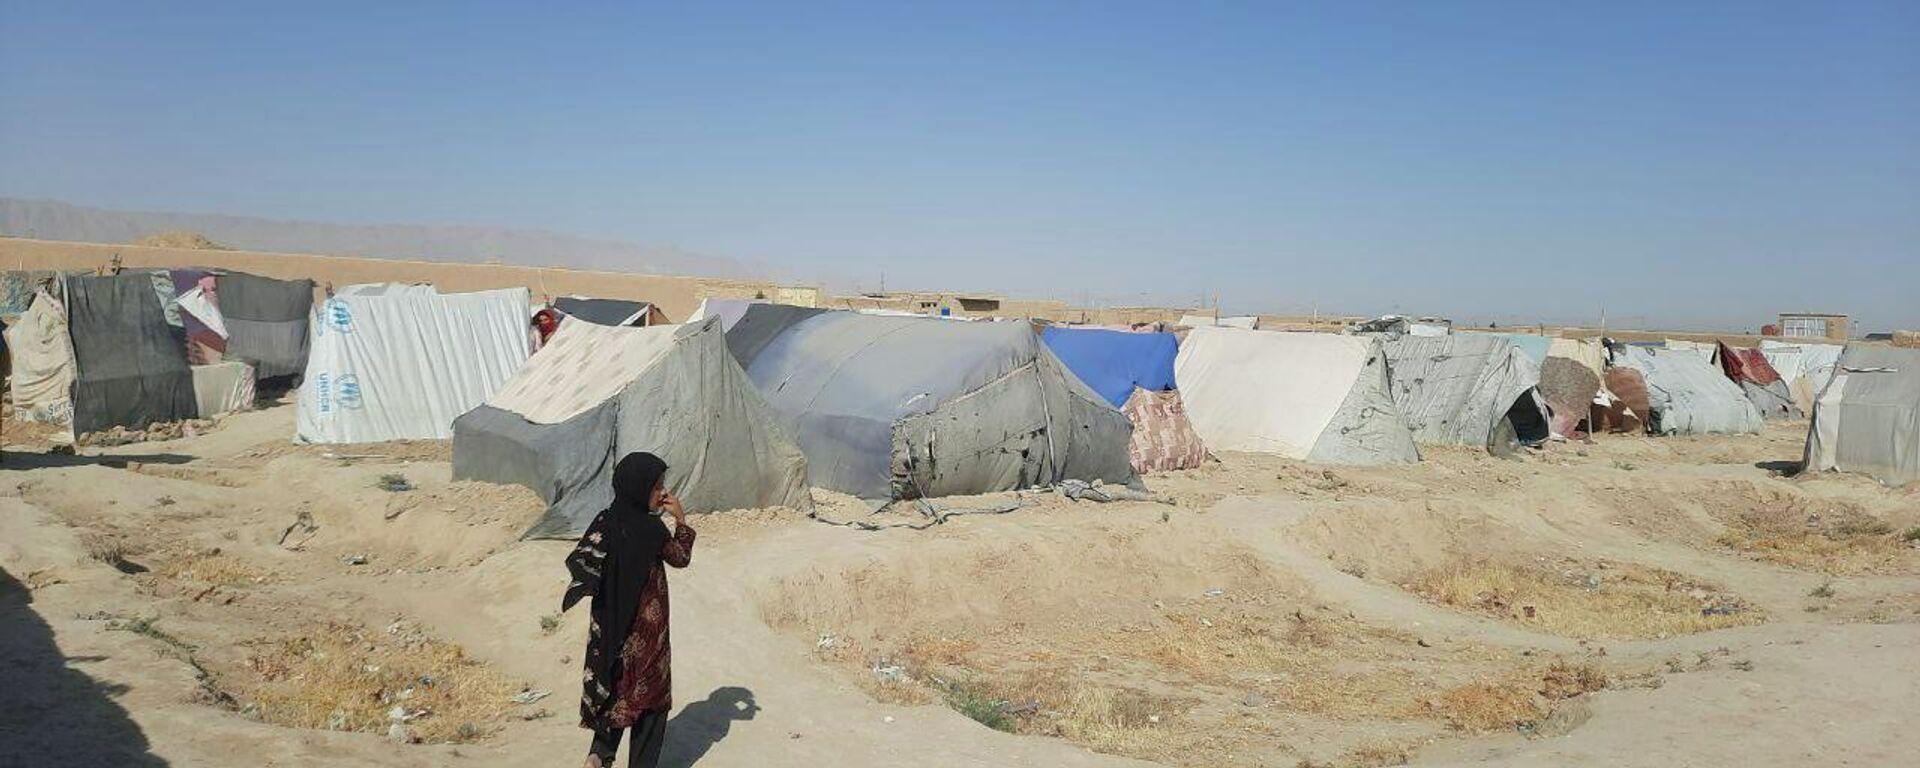 Лагерь беженцев в Мазари-Шарифе - Sputnik Таджикистан, 1920, 25.07.2021